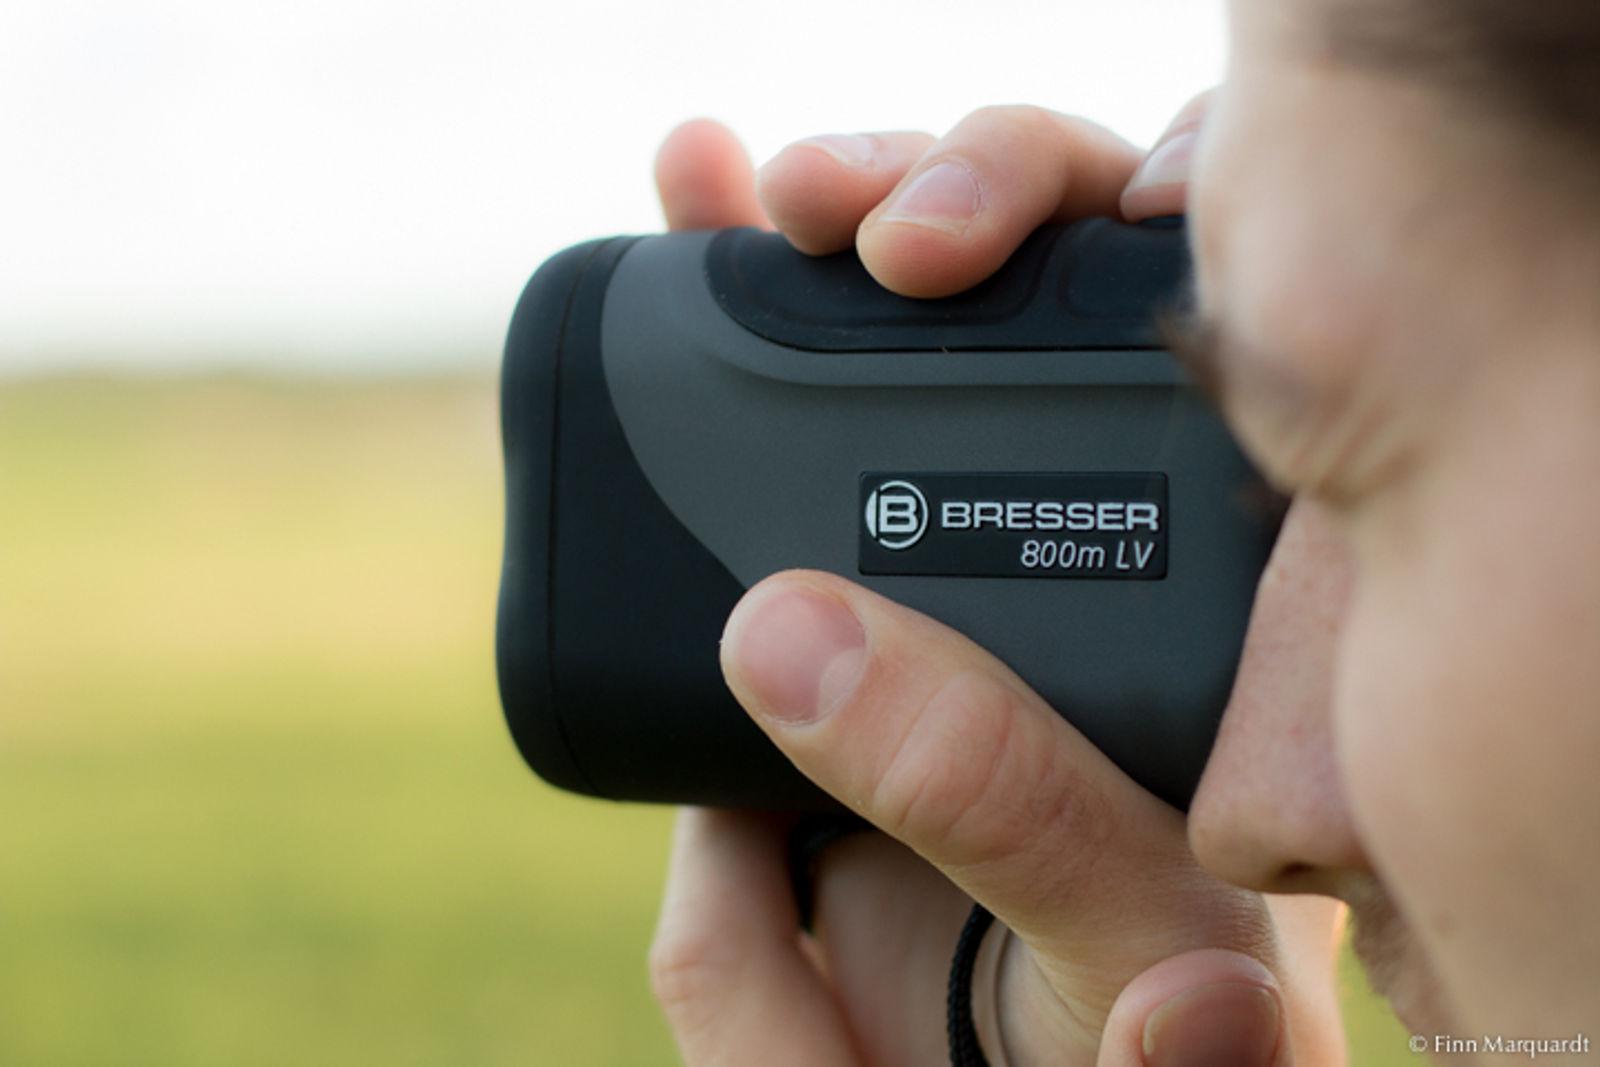 Entfernungsmesser Für Die Jagd : Entfernungsmesser m lv laserentfernungsmesser von bresser